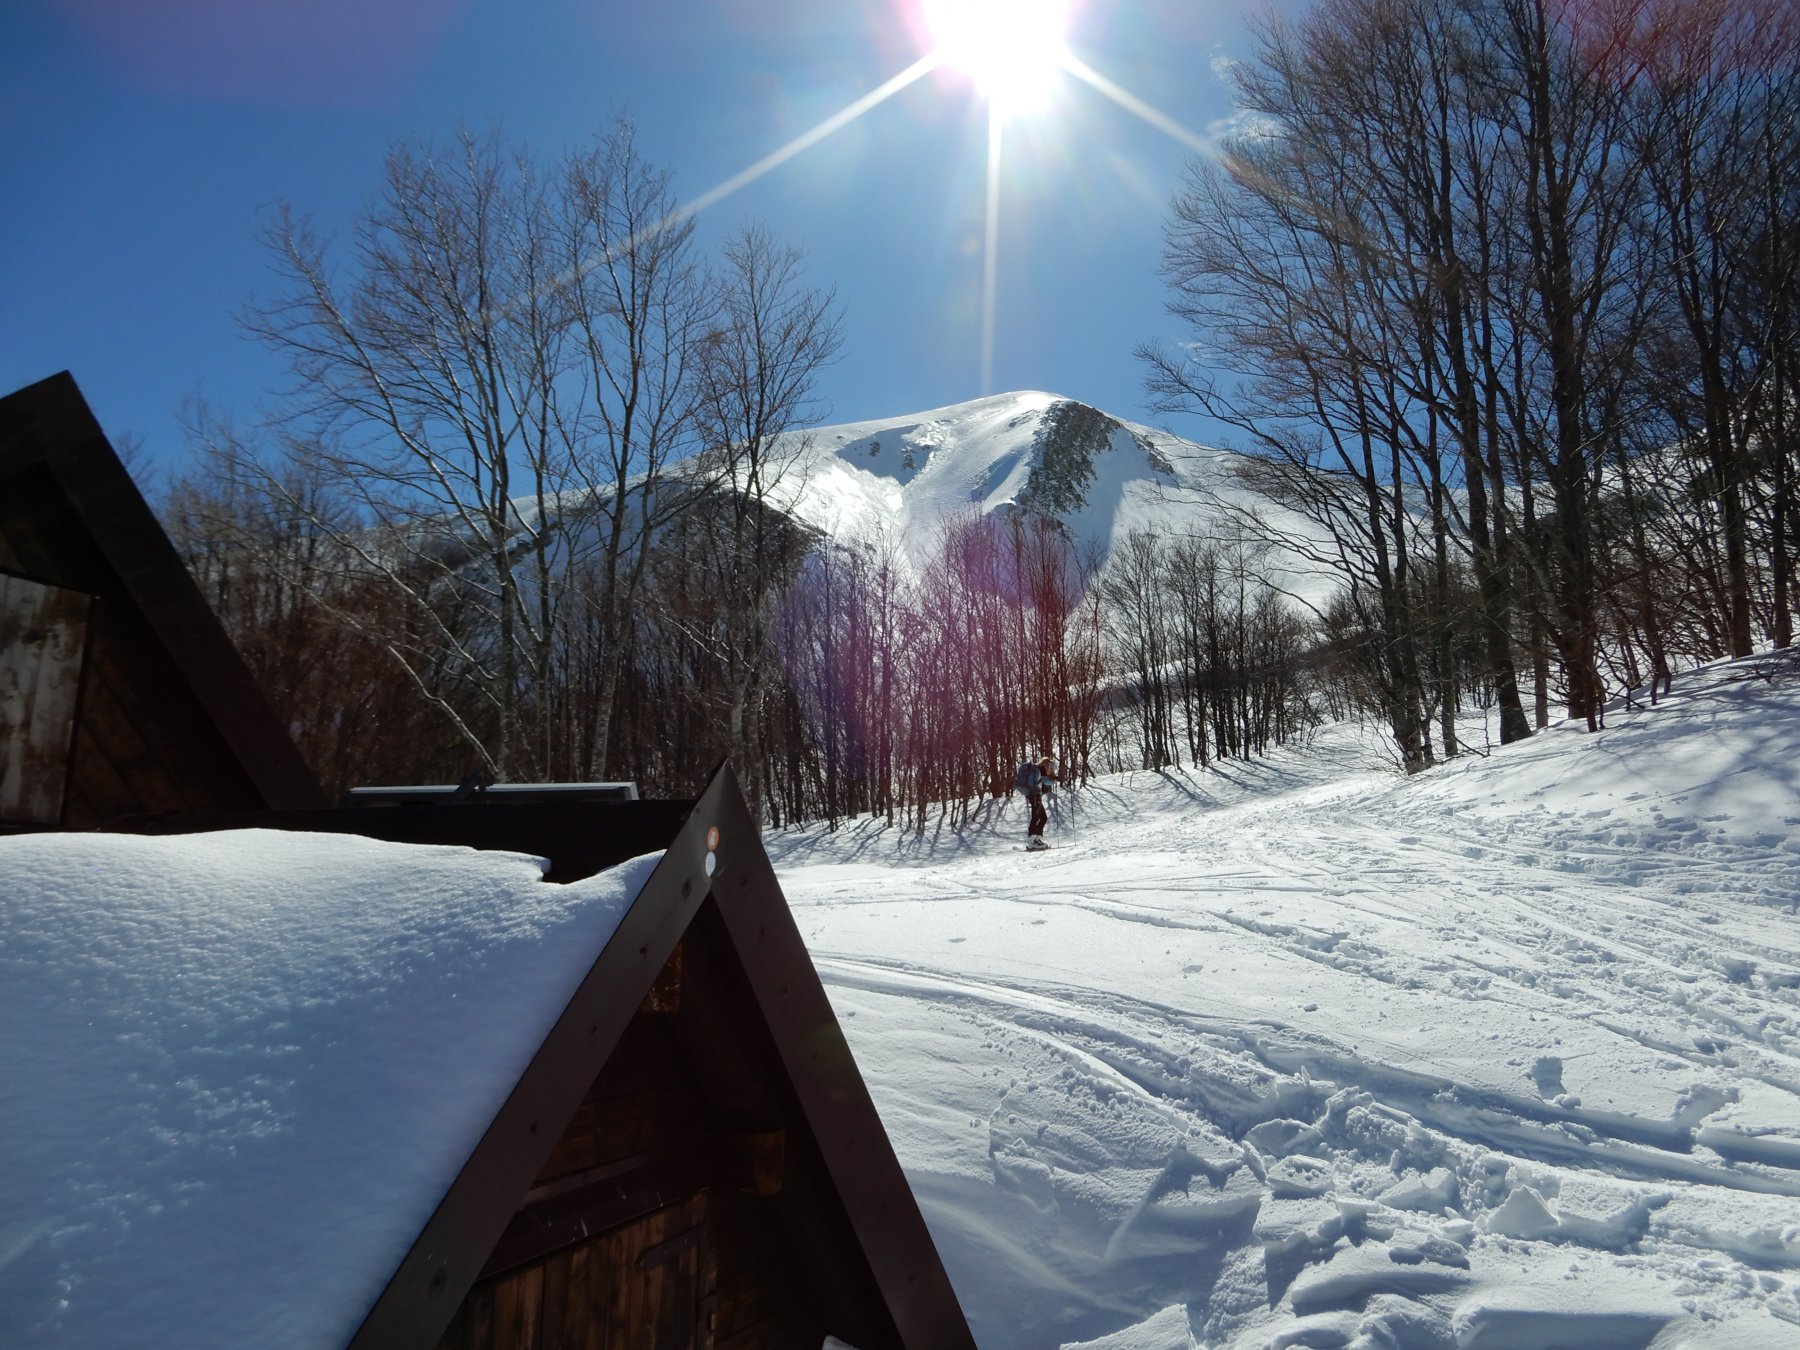 Il rifugio sommerso dalla neve